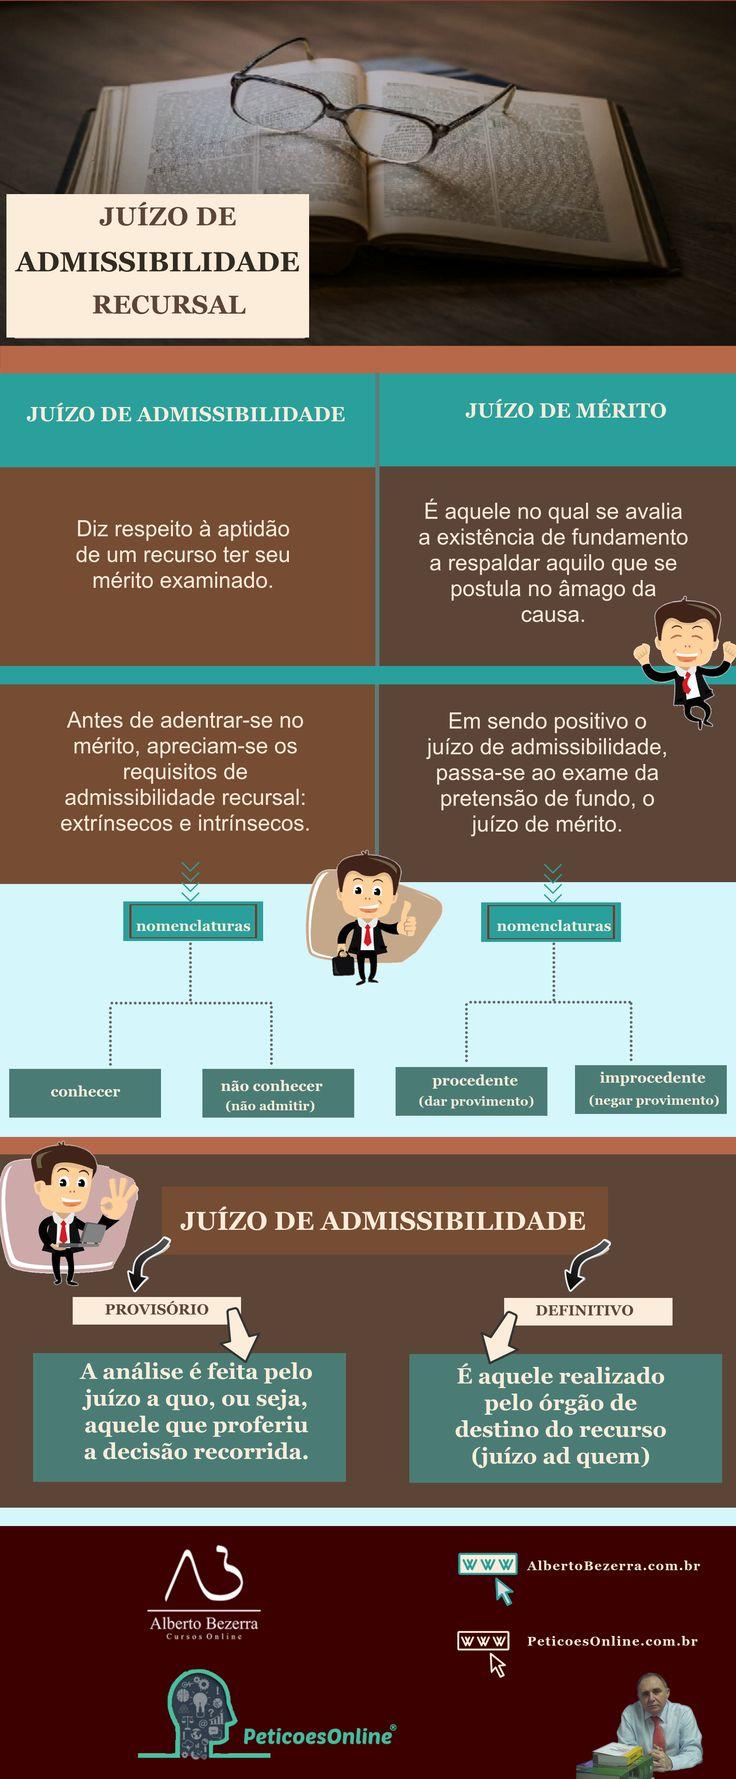 Infográfico com dicas de direito processual, requisitos de admissibilidade recursal, prática jurídica civil,